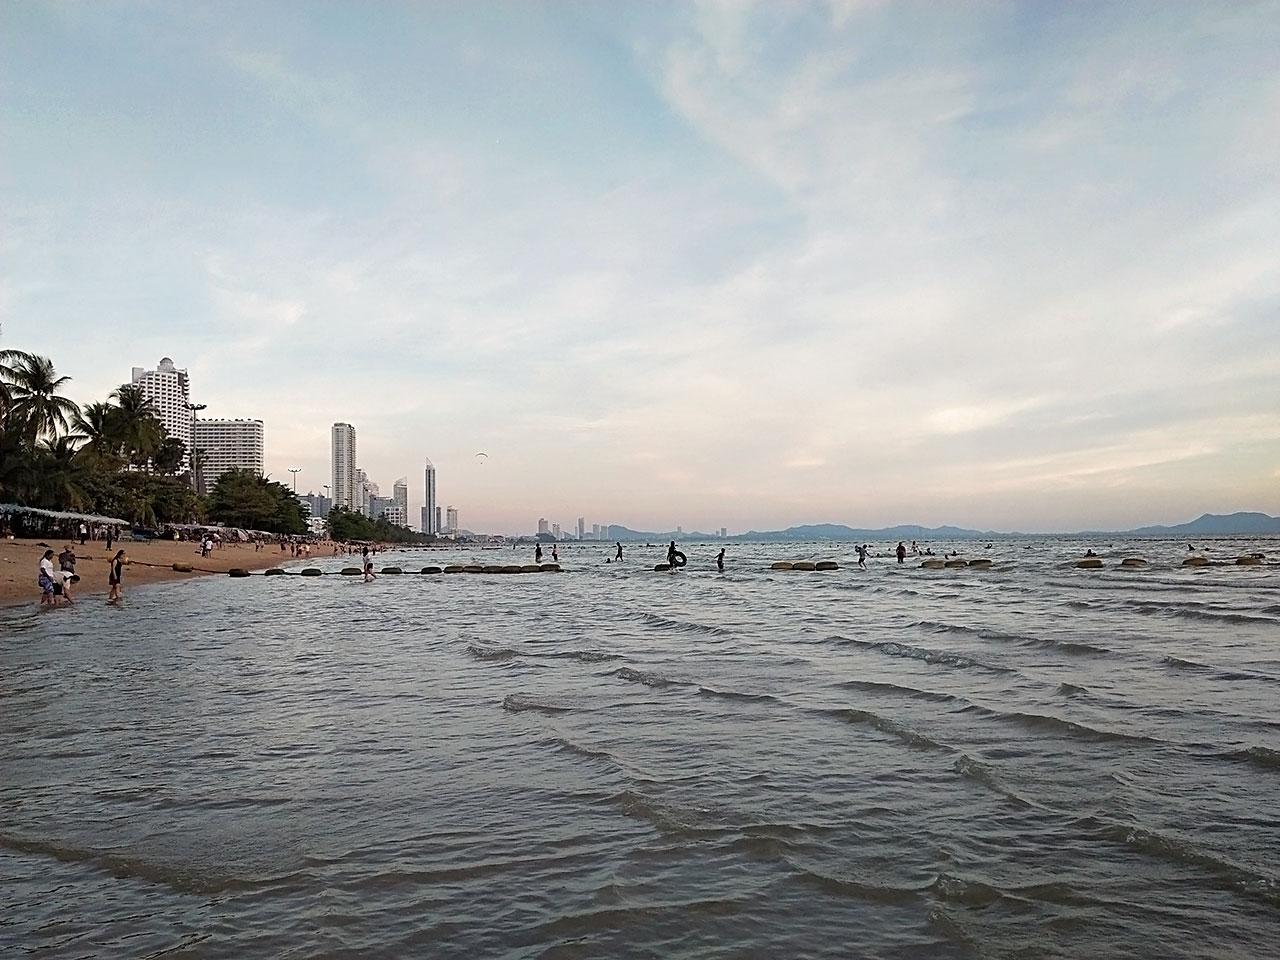 หาดจอมเทียน พัทยา ชลบุรี